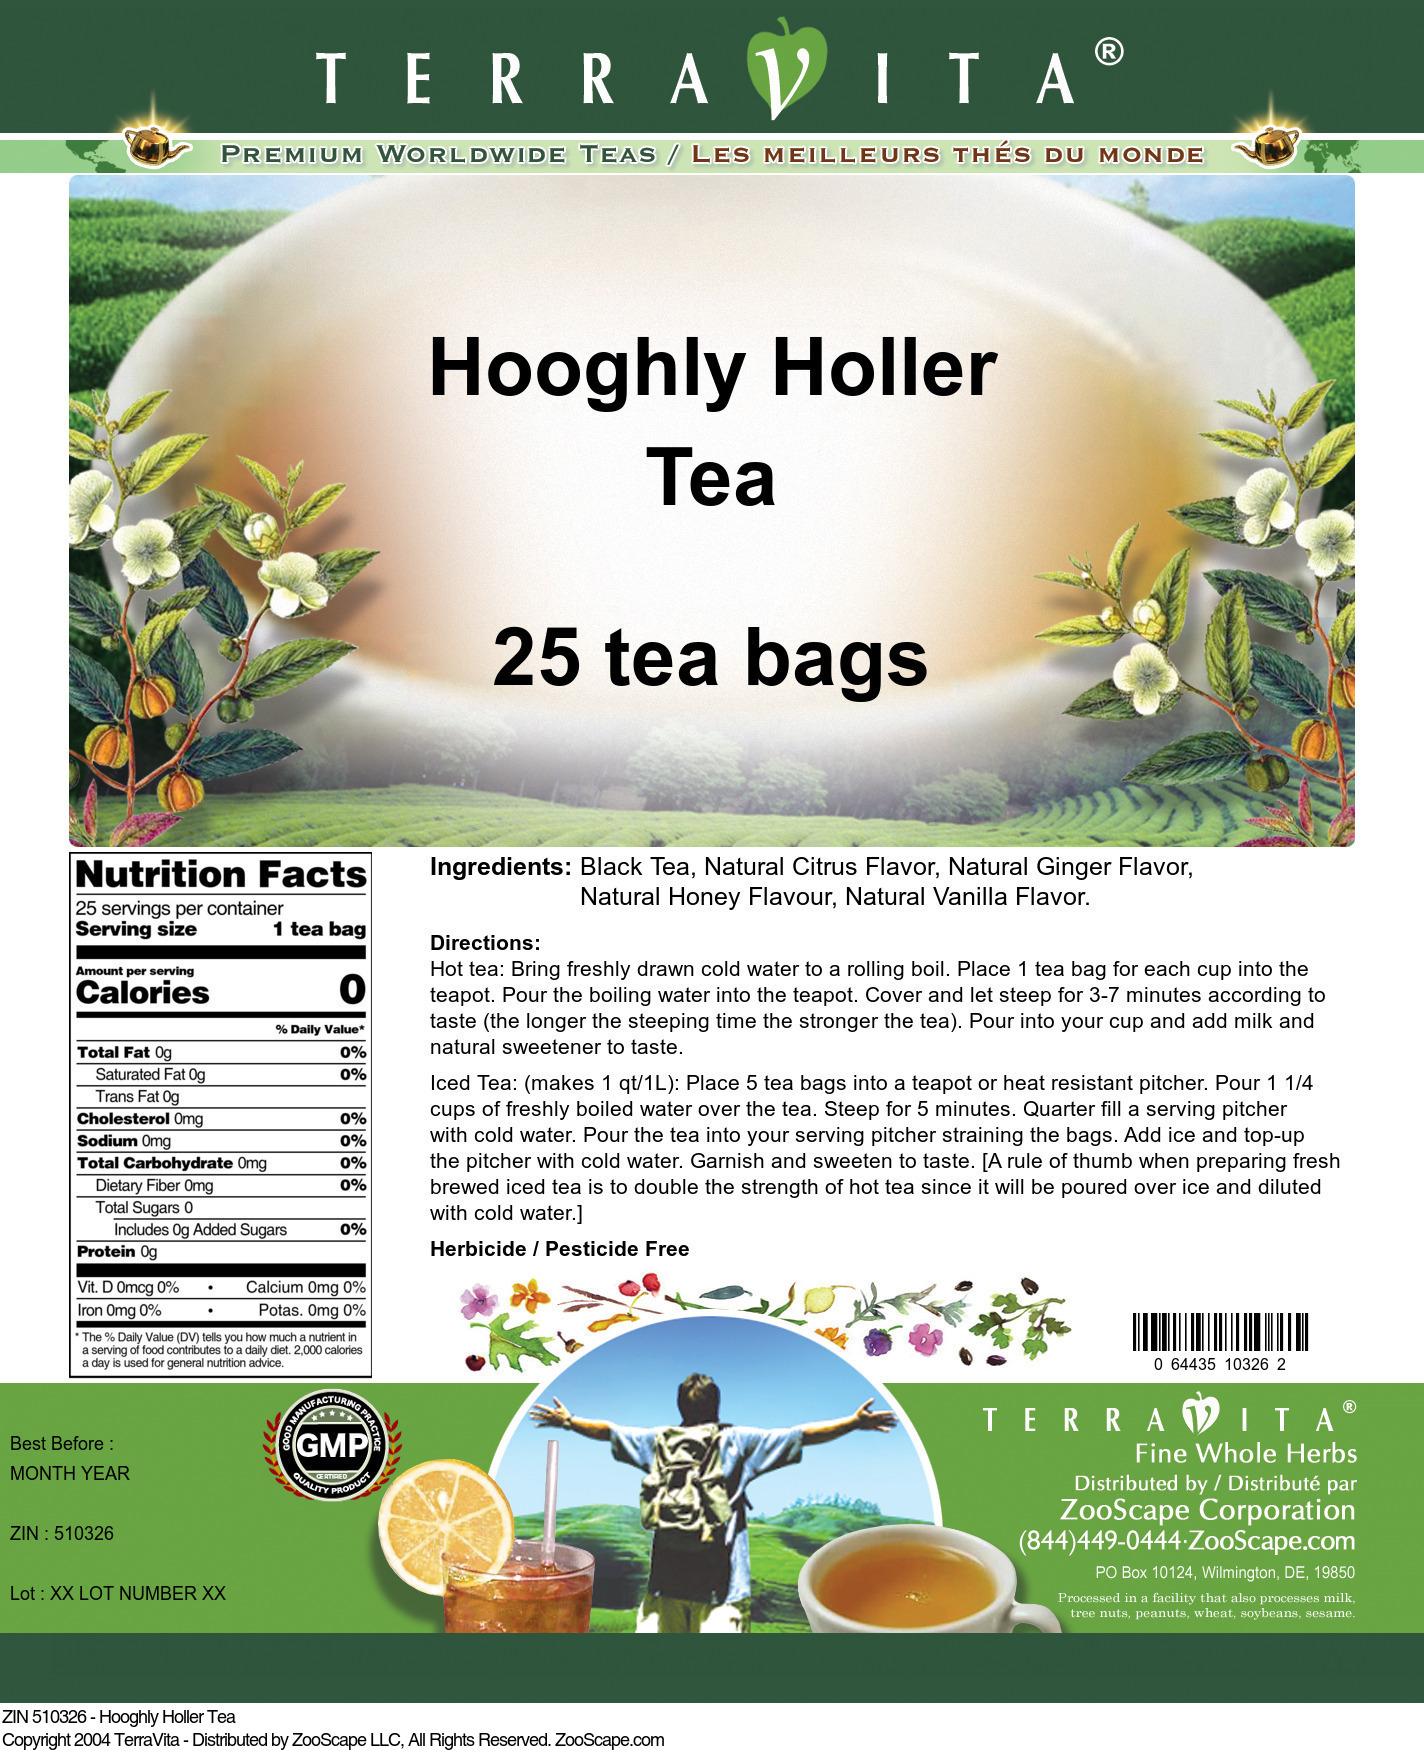 Hooghly Holler Tea